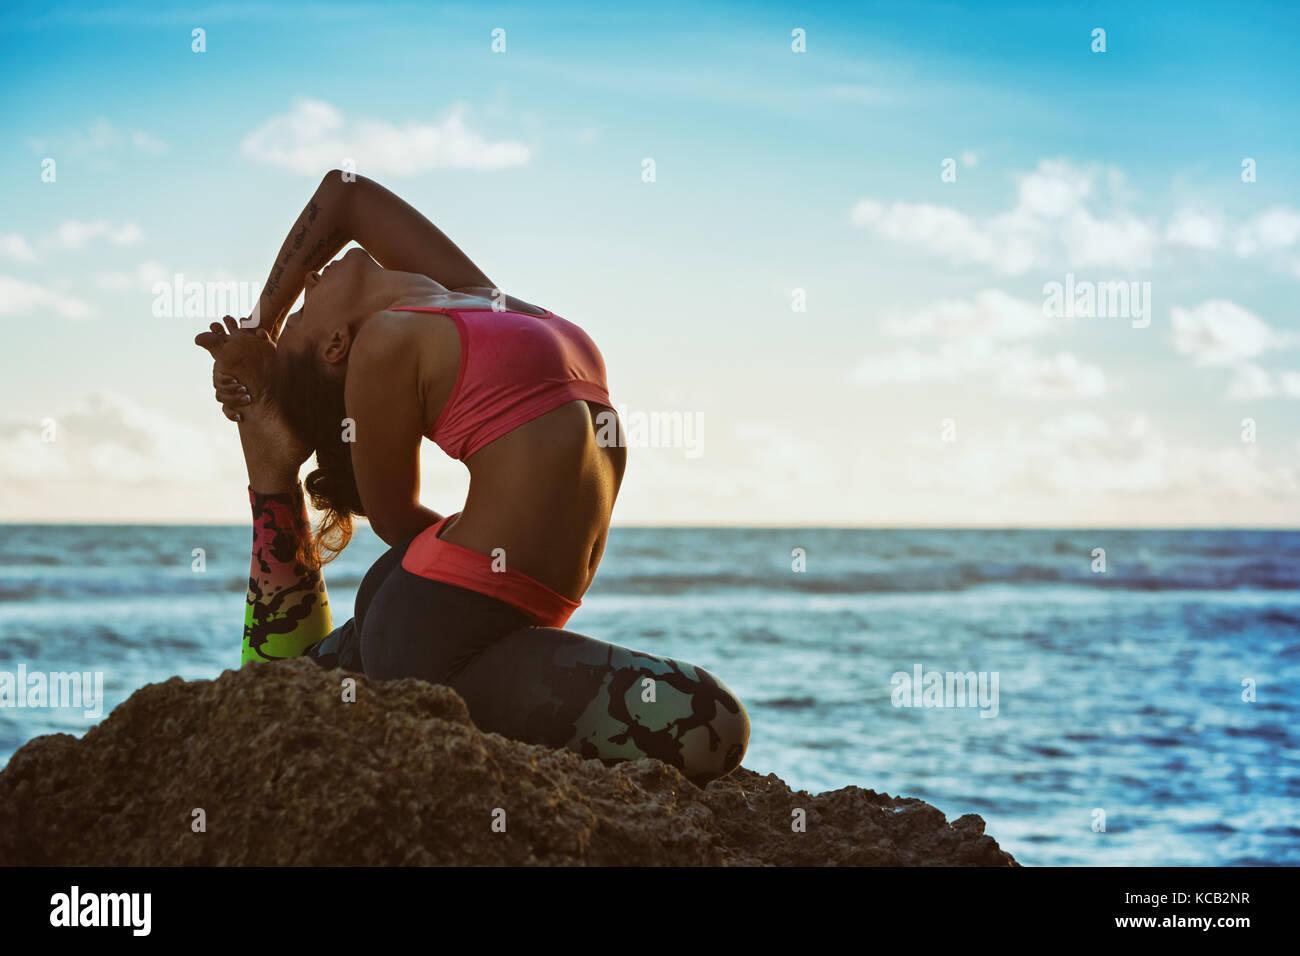 La meditación sobre el fondo del cielo al atardecer. joven mujer activa sentarse en pose de yoga en la playa Imagen De Stock